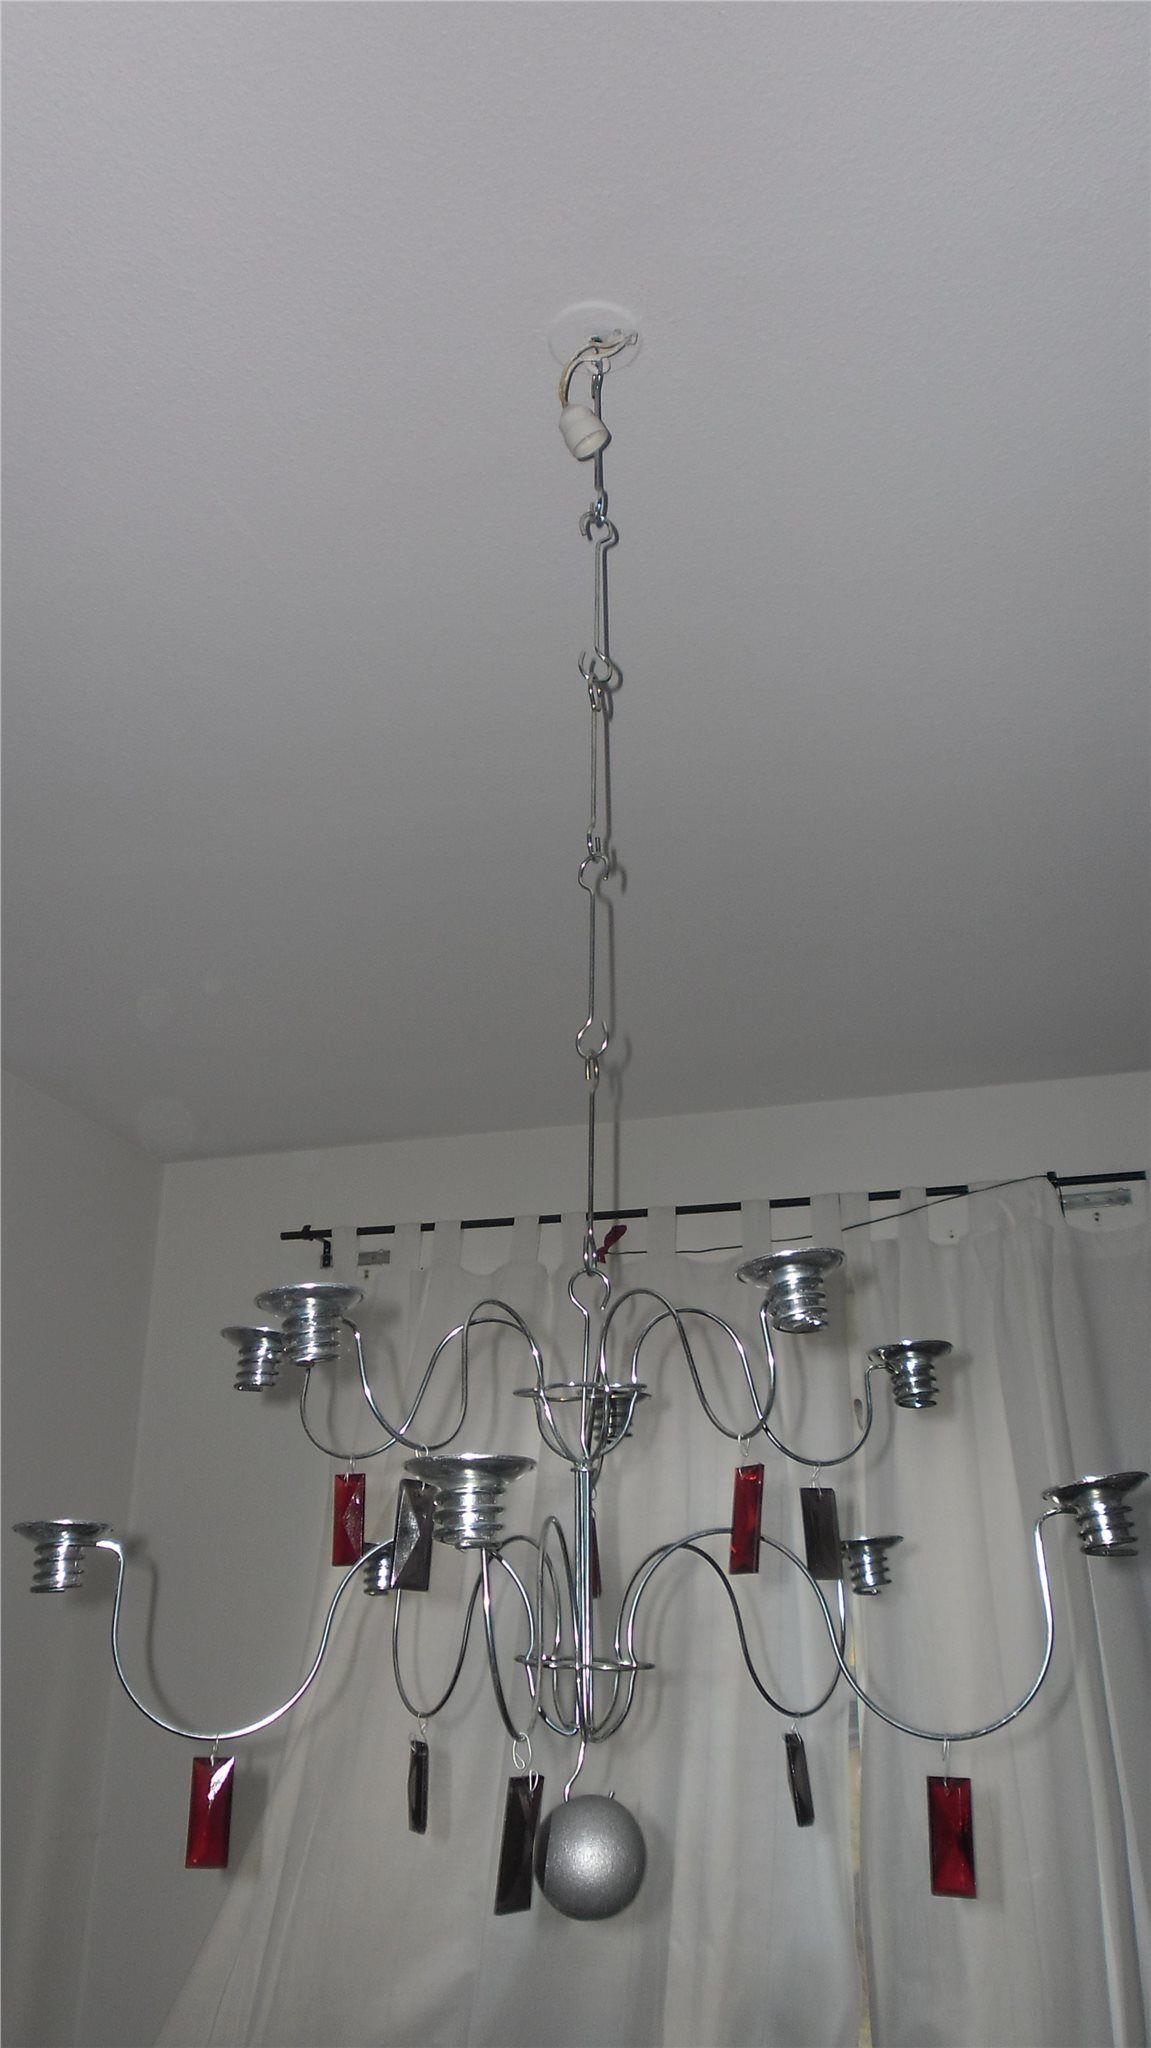 Annons på Tradera: 10 armad ljuskrona sirlig från IKEA med